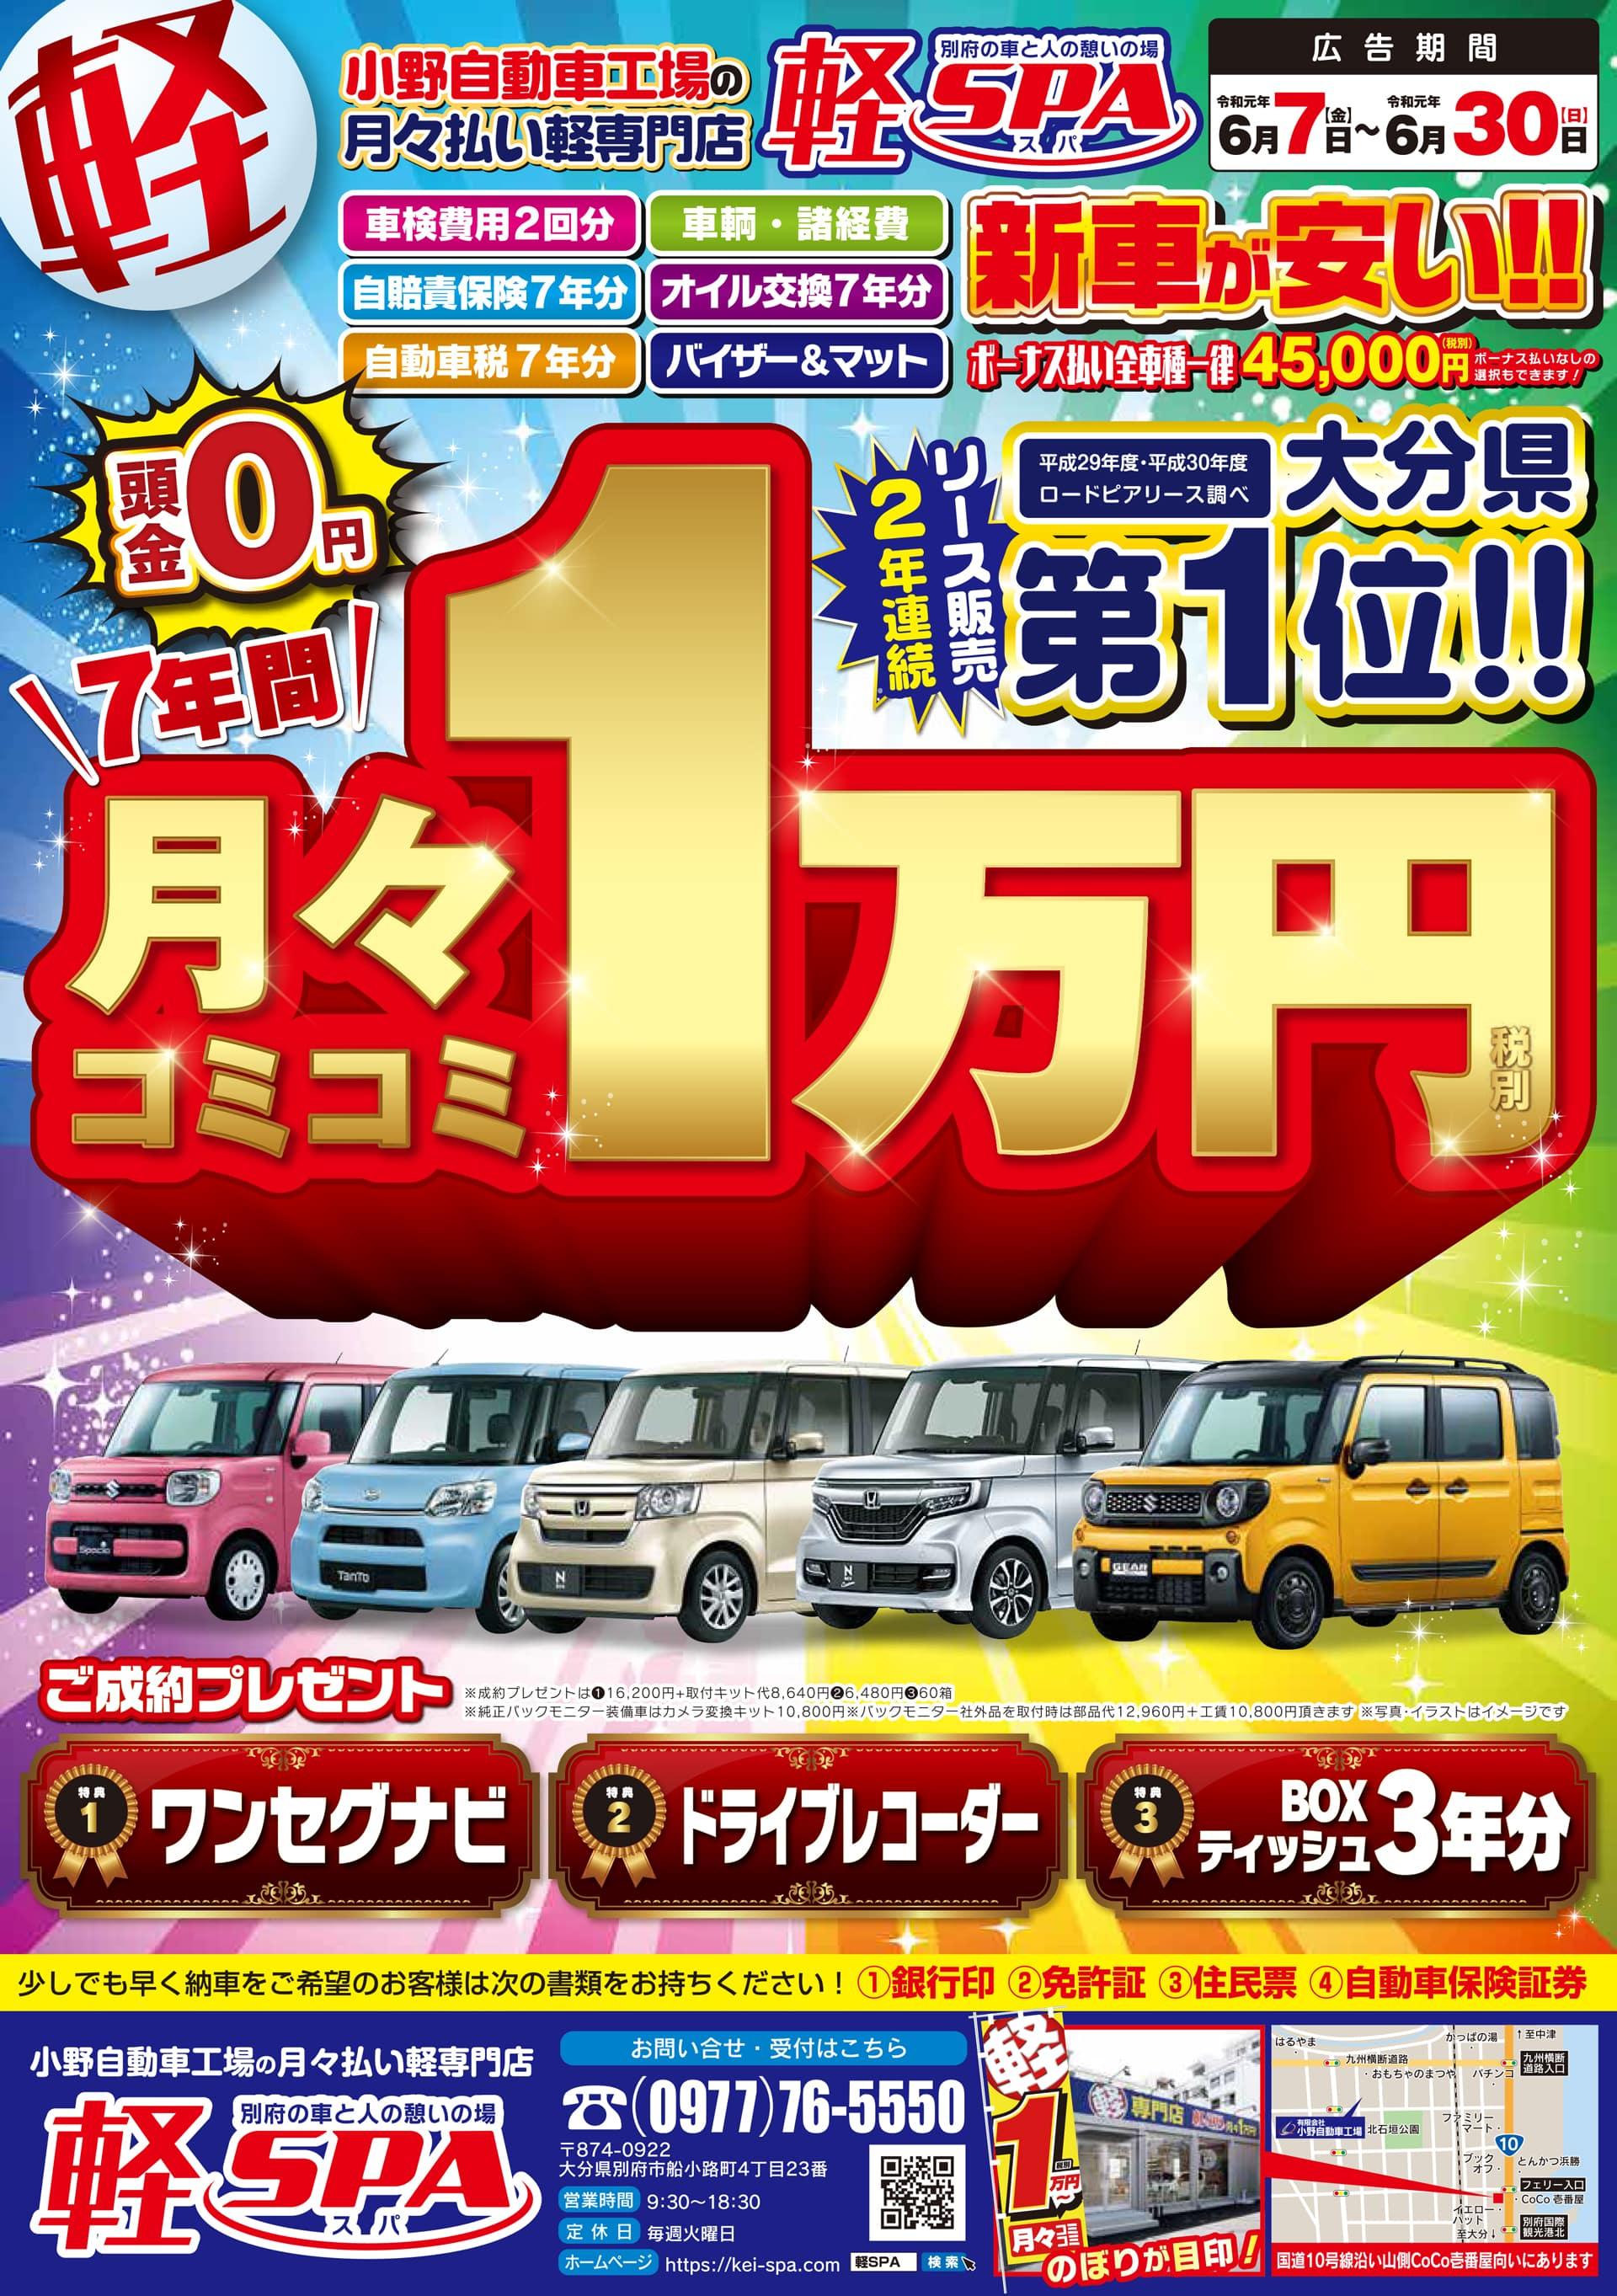 小野自動車工場、大分県リース販売2年連続第1位!!を獲得